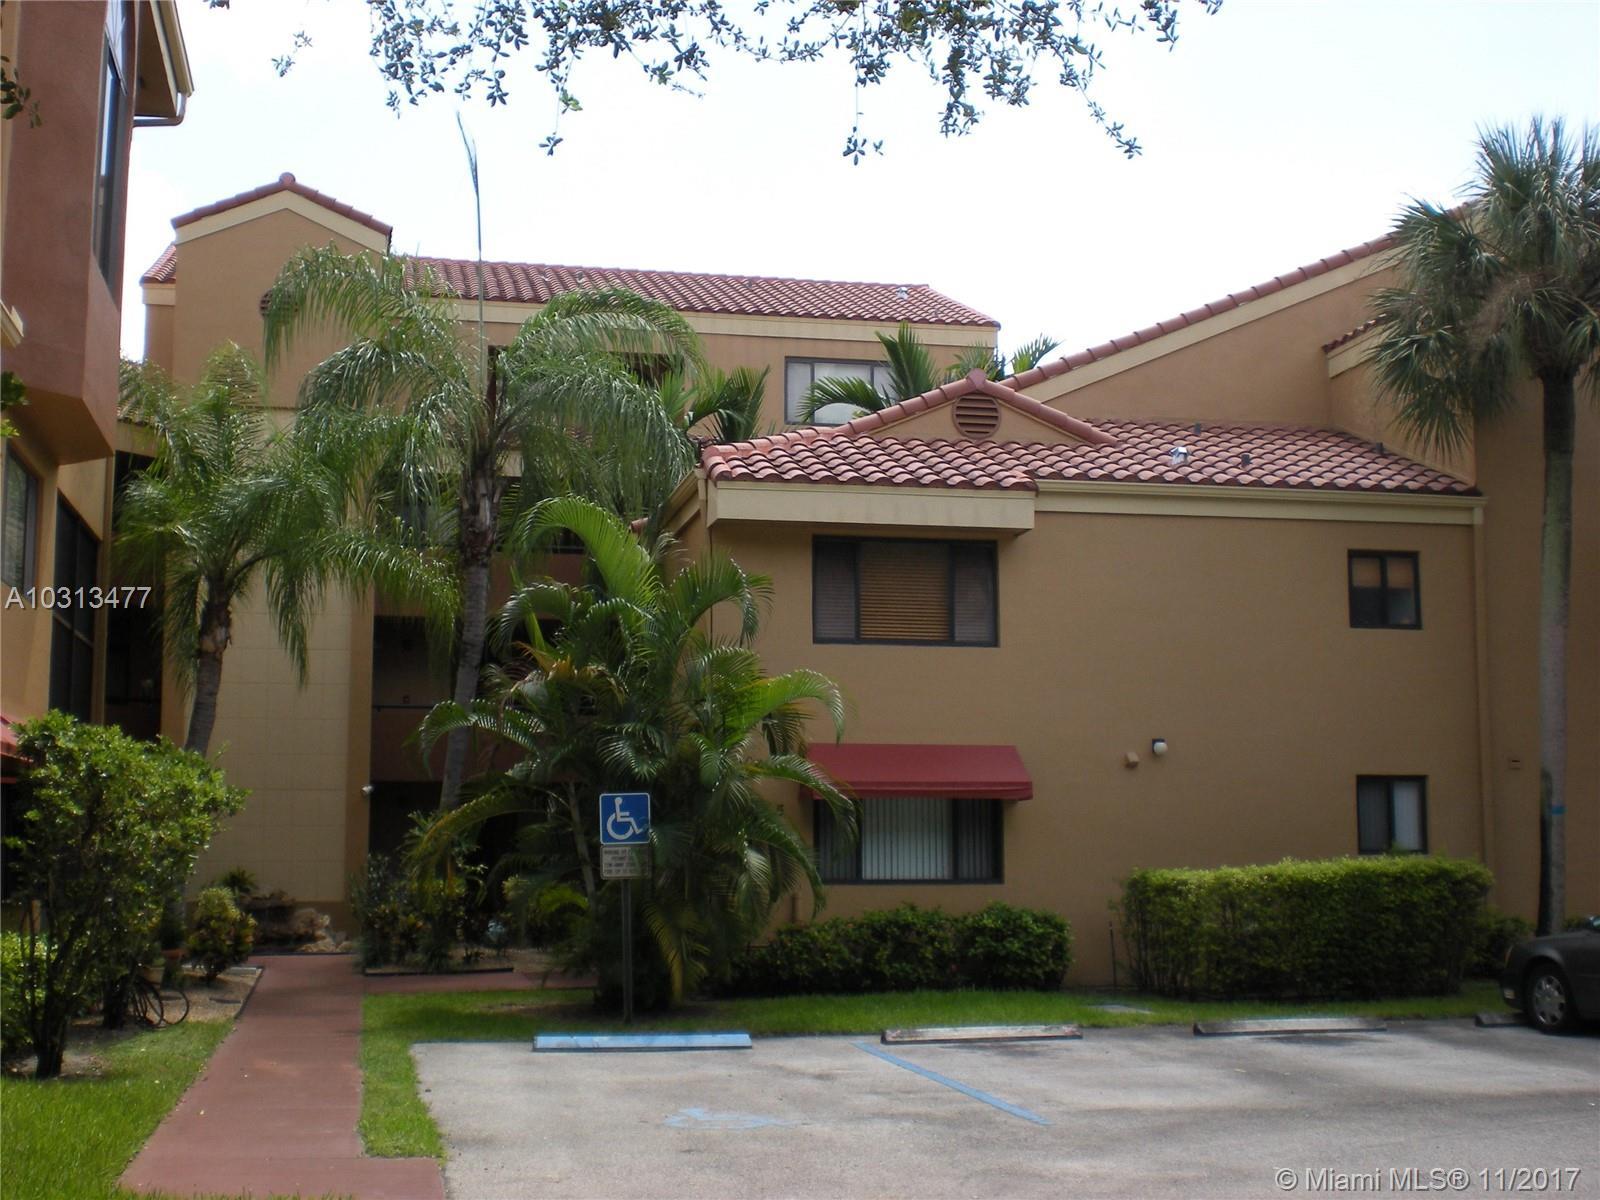 15555 N MIAMI LAKEWAY # 102-18, Miami Lakes, FL 33014